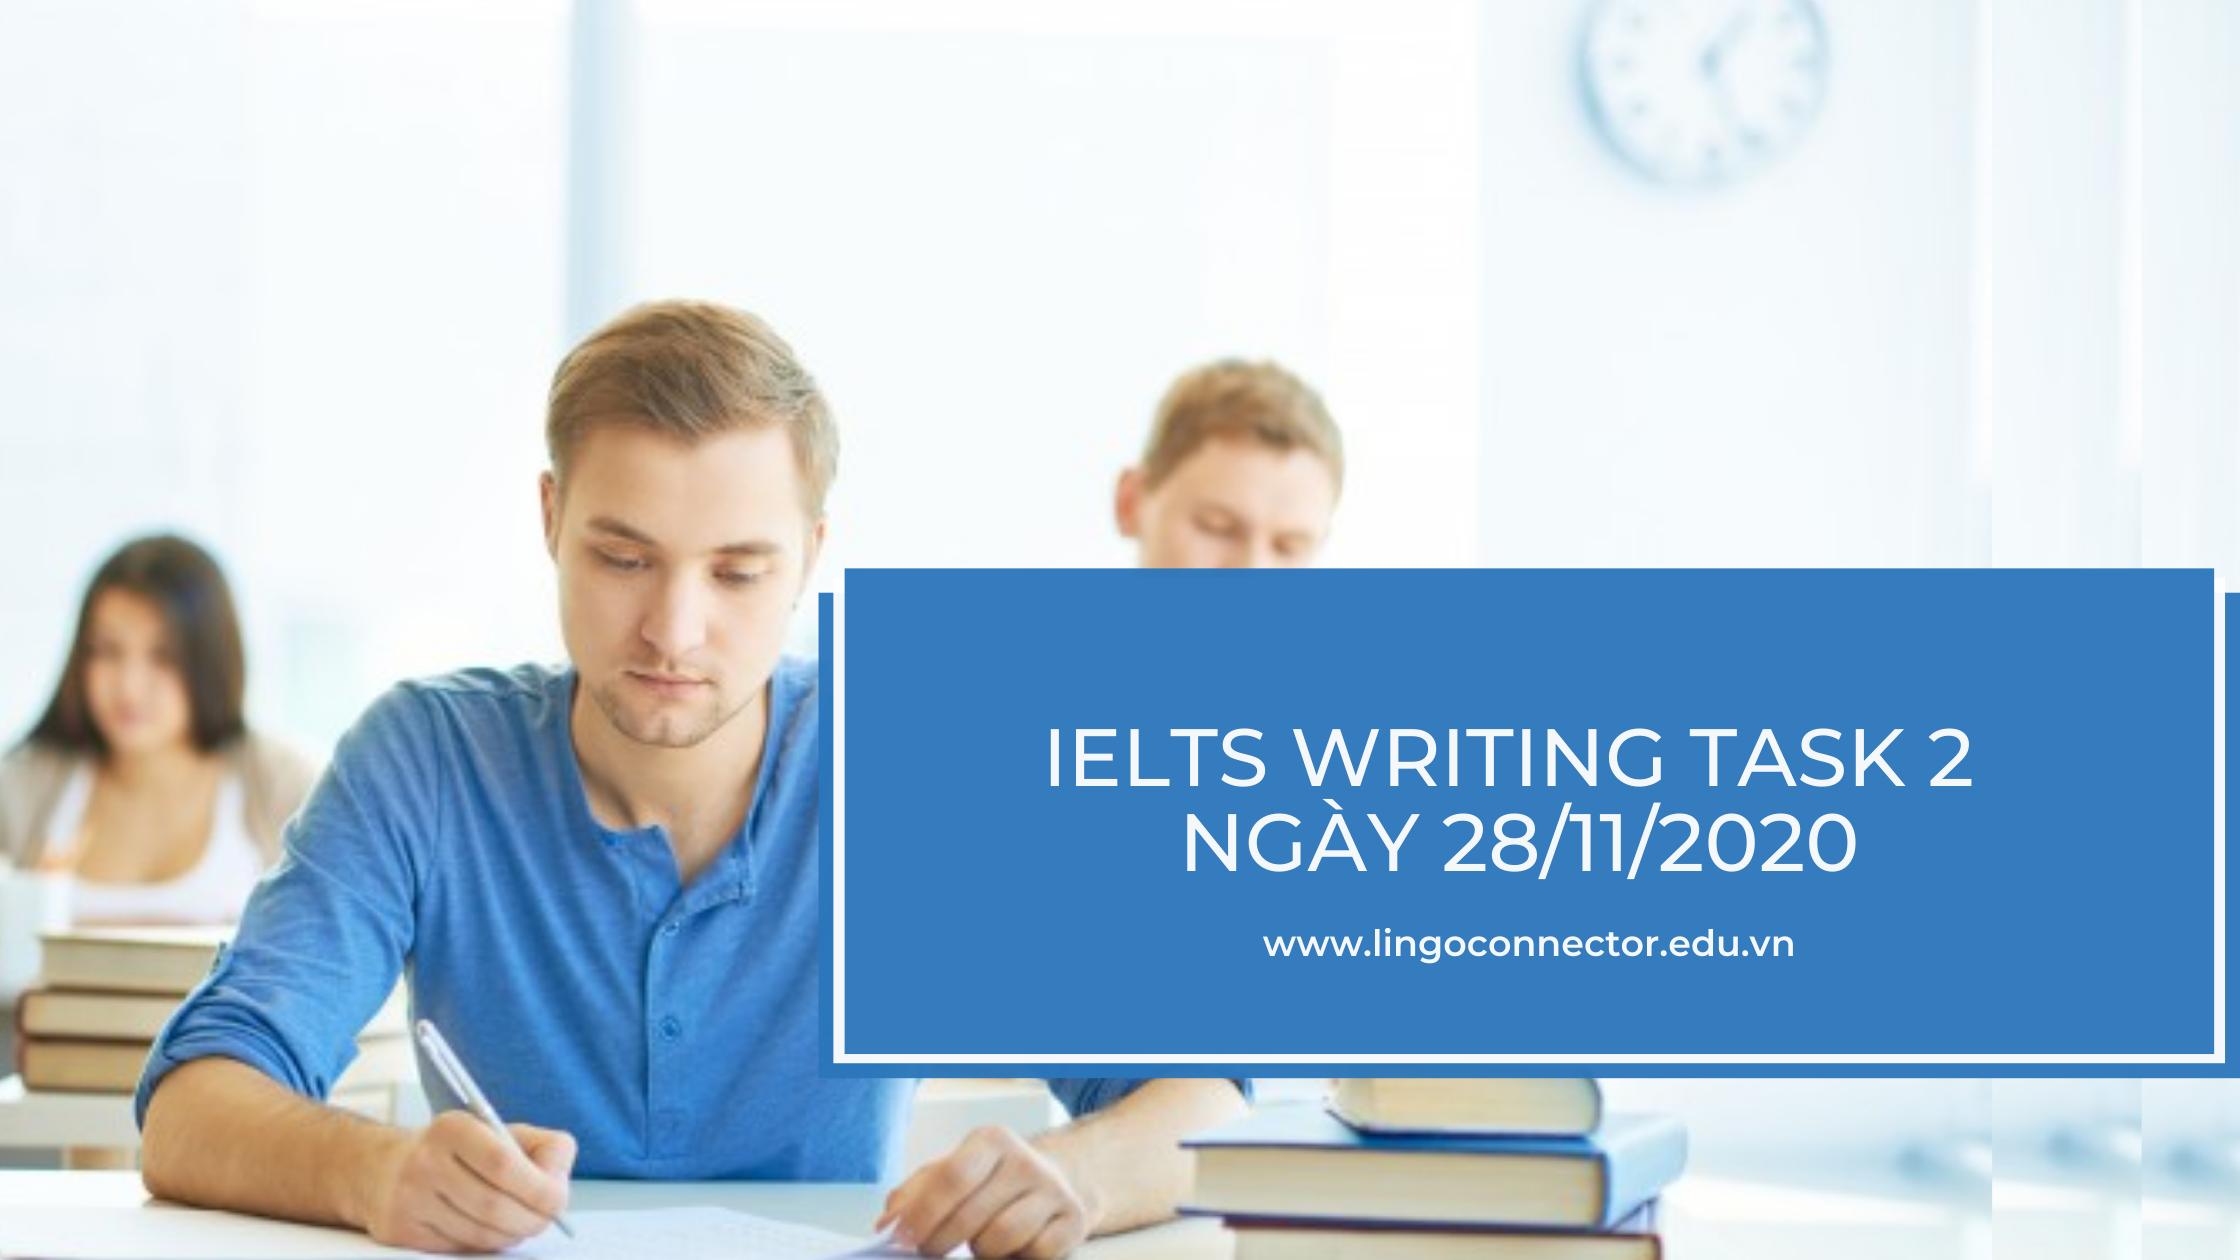 IELTS WRITING TASK 2 NGÀY 28/11/2020